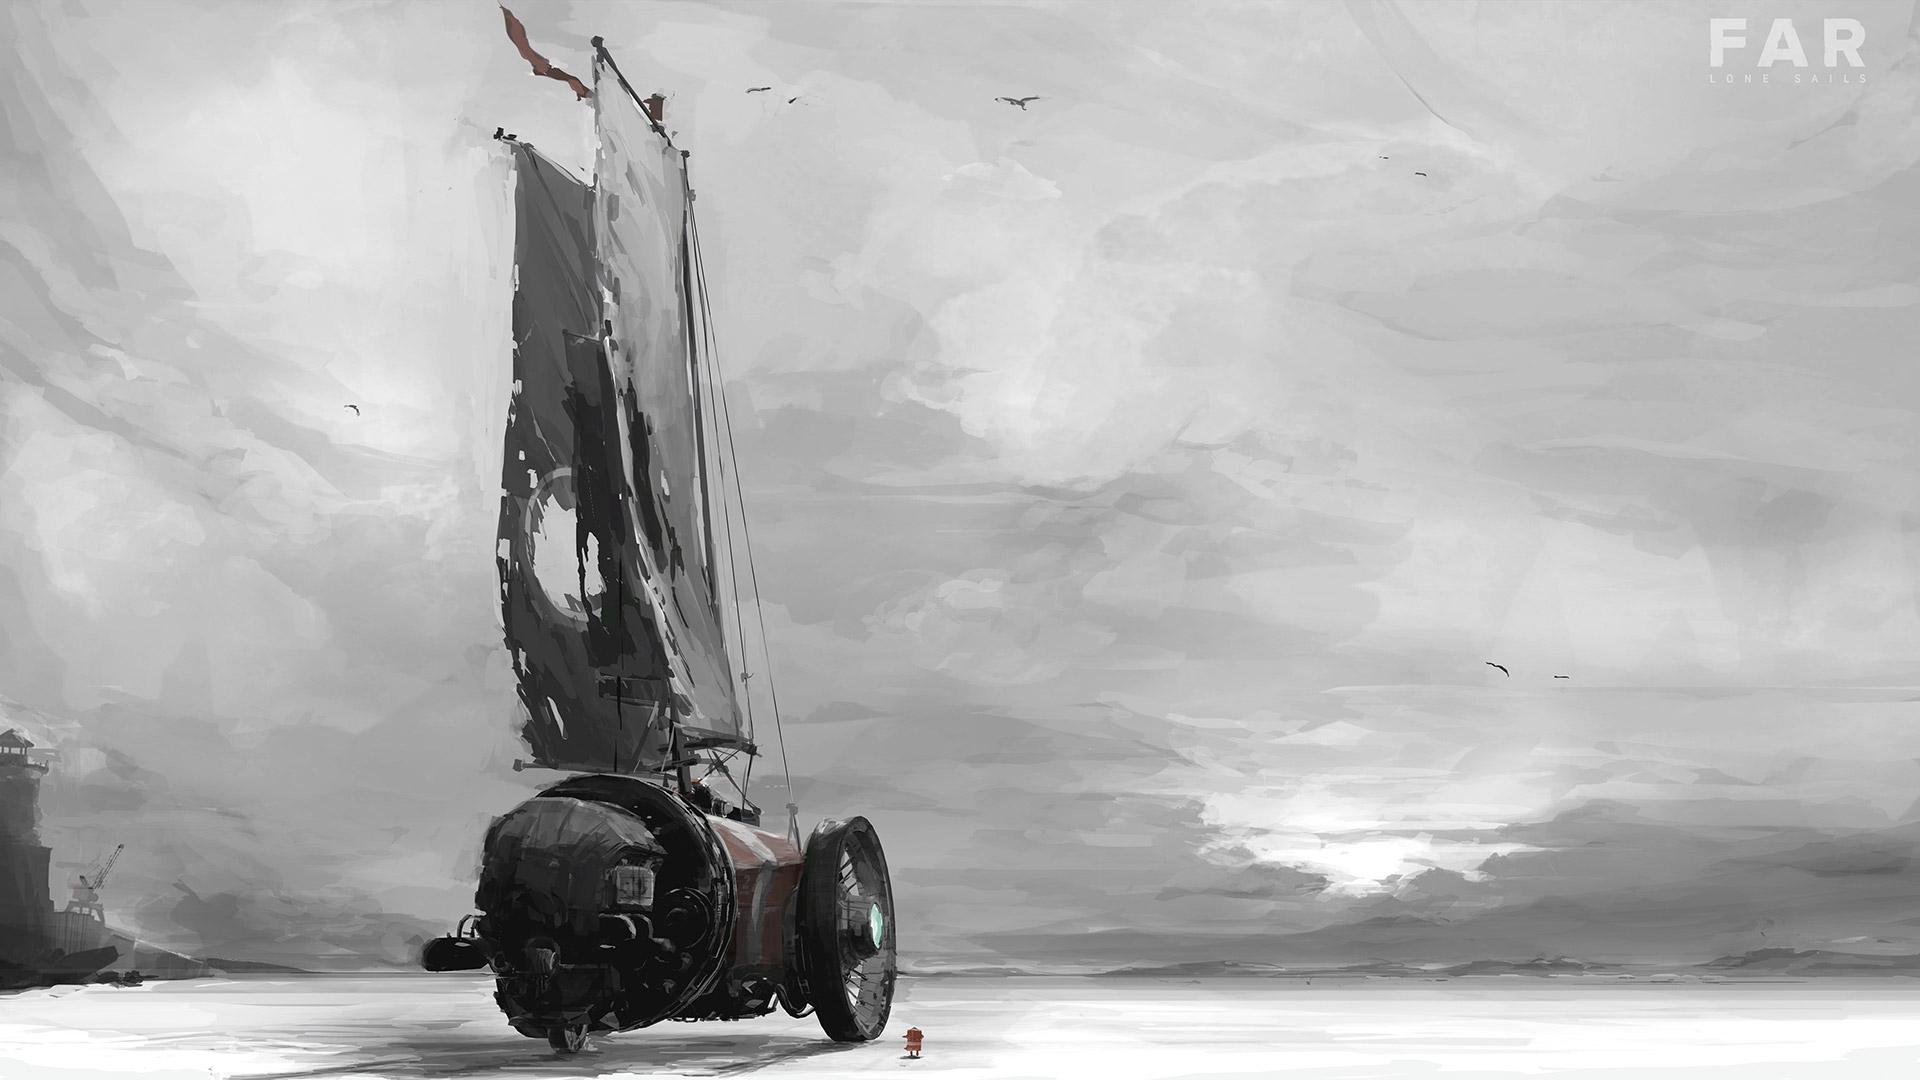 FAR: Lone Sails Wallpaper in 1920x1080